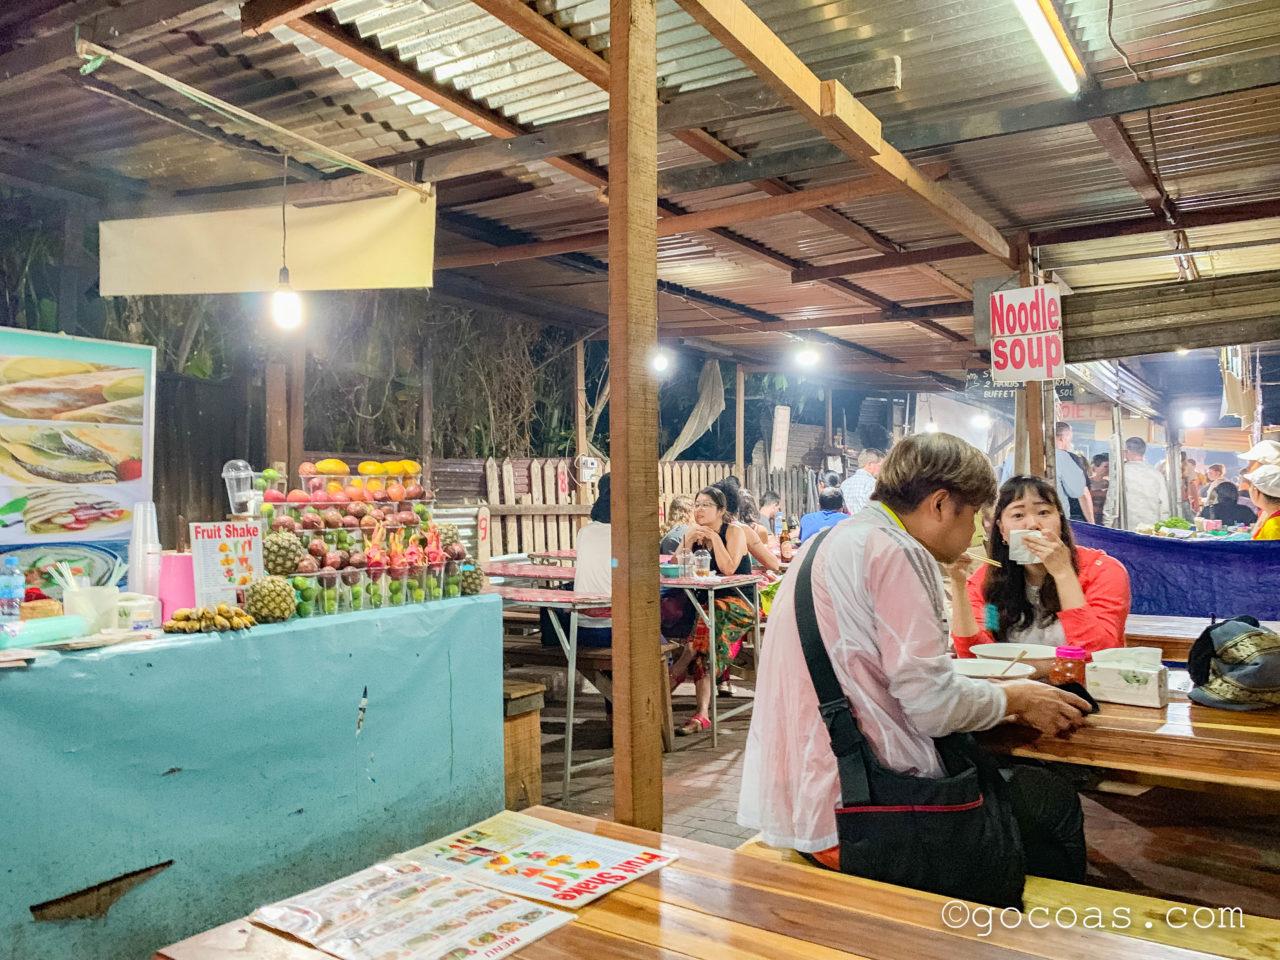 ルアンパバーンのナイトマーケットの飲食コーナーで並ぶテーブルに座る観光客とジュースの屋台